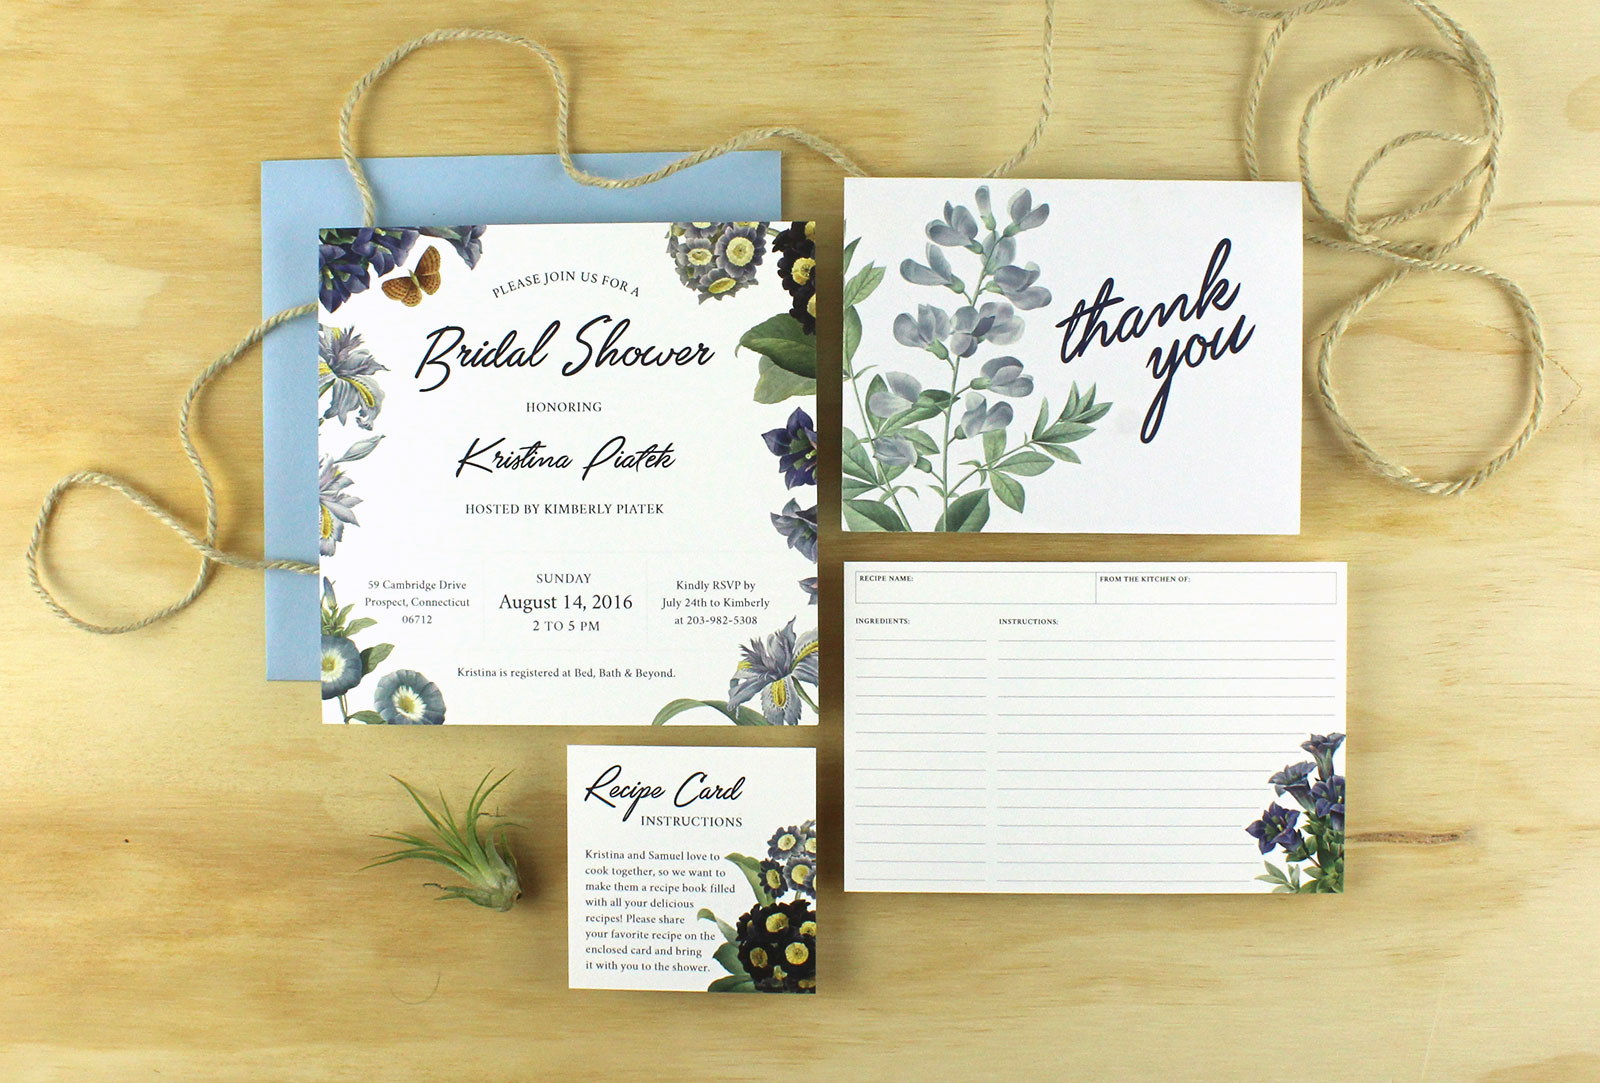 Kristina's bridal shower invitations